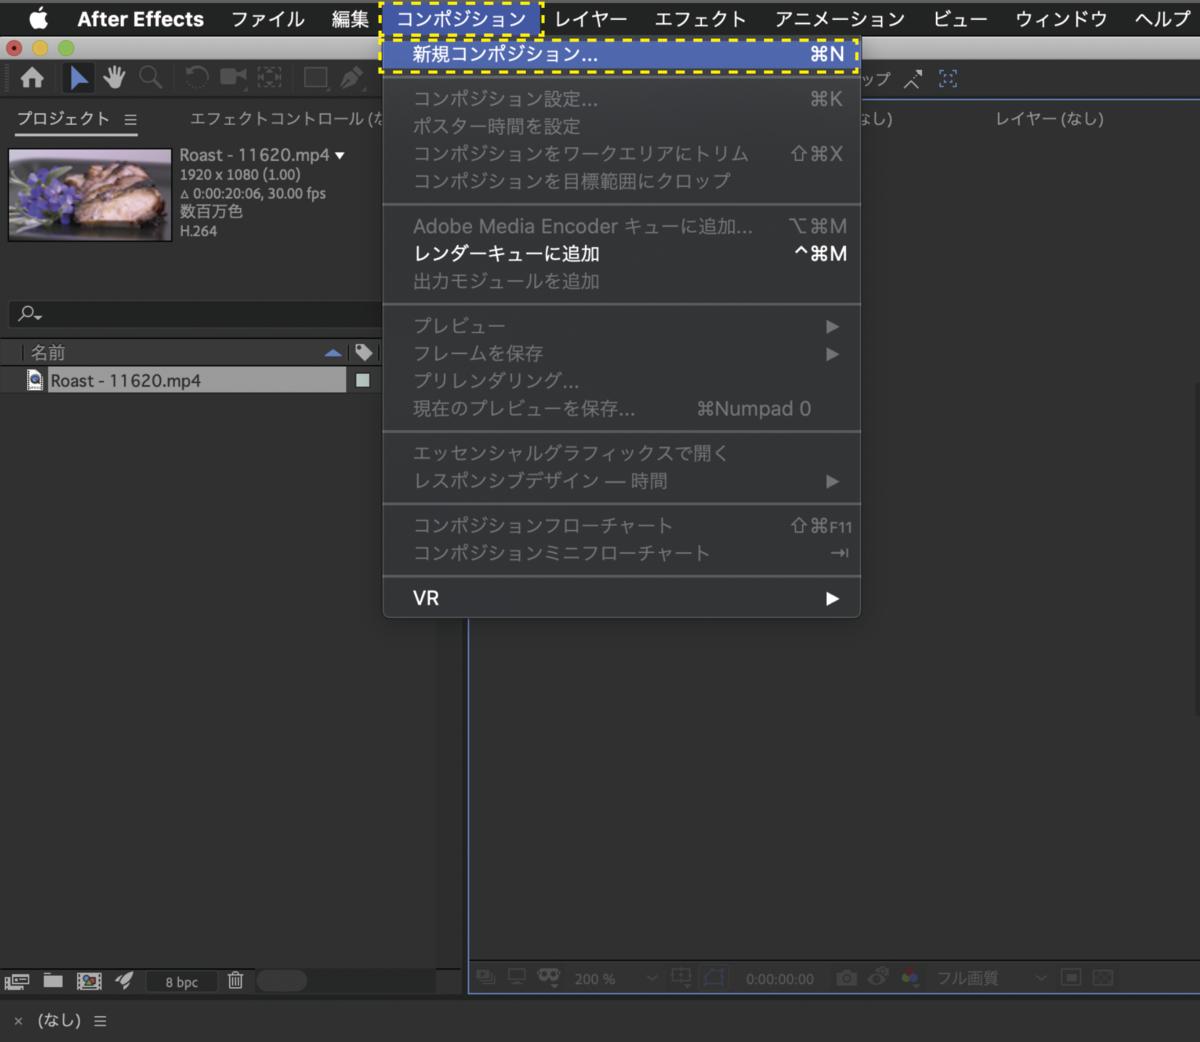 f:id:Hamakichi:20200517120455p:plain